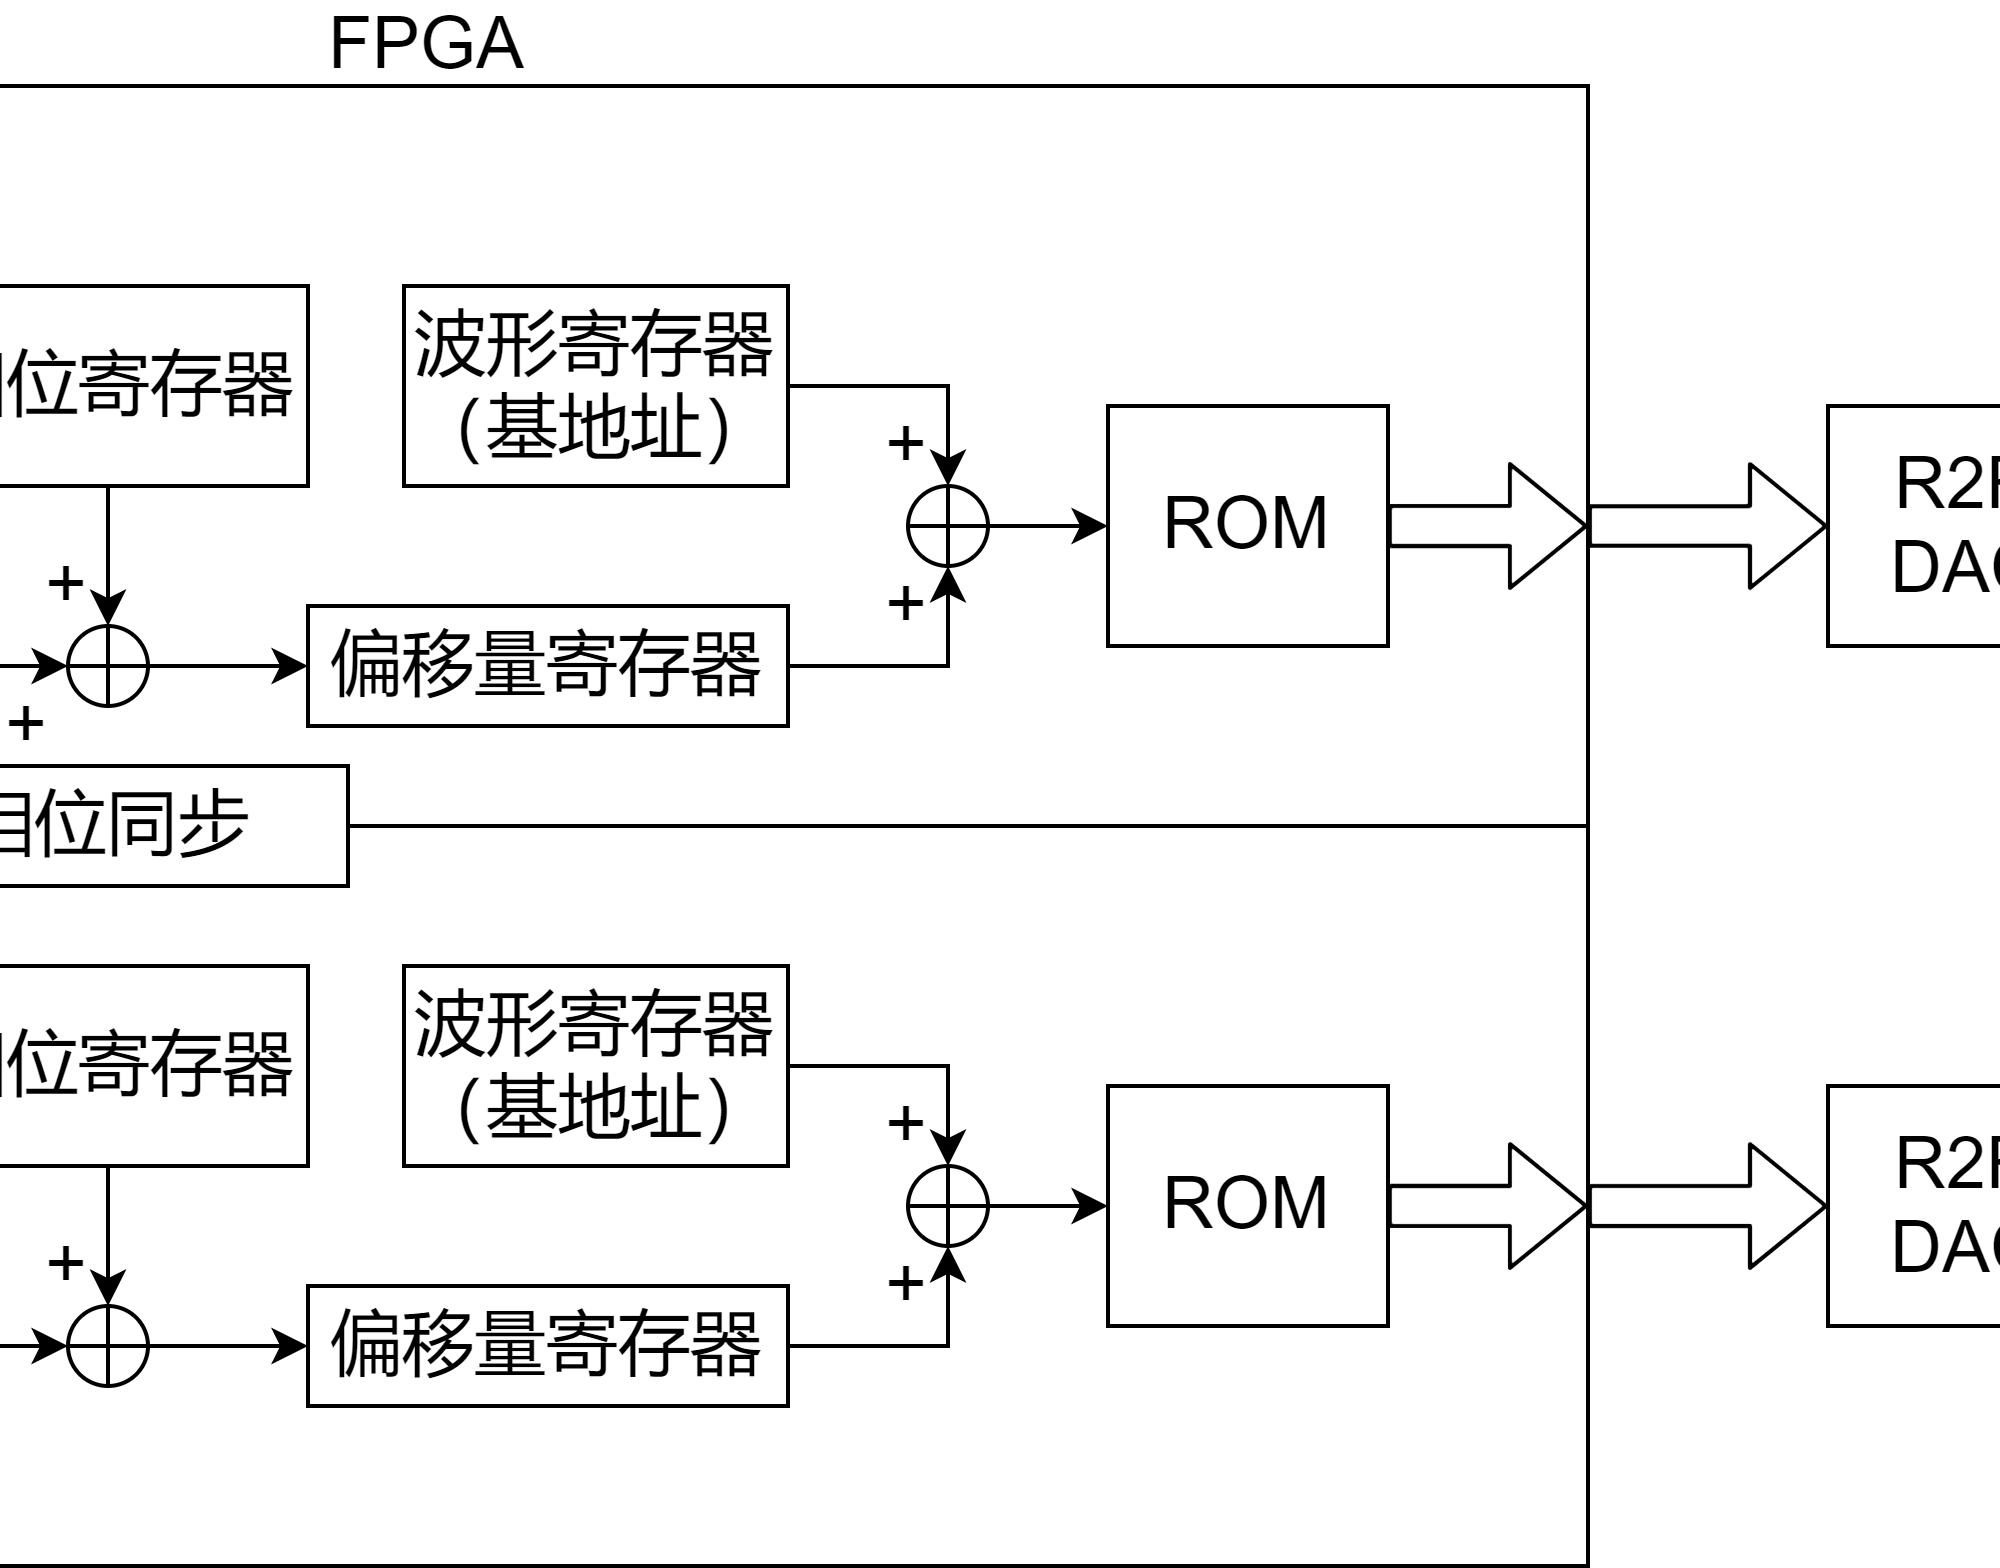 【FPGA开发者项目连载】双通道DDS信号发生器